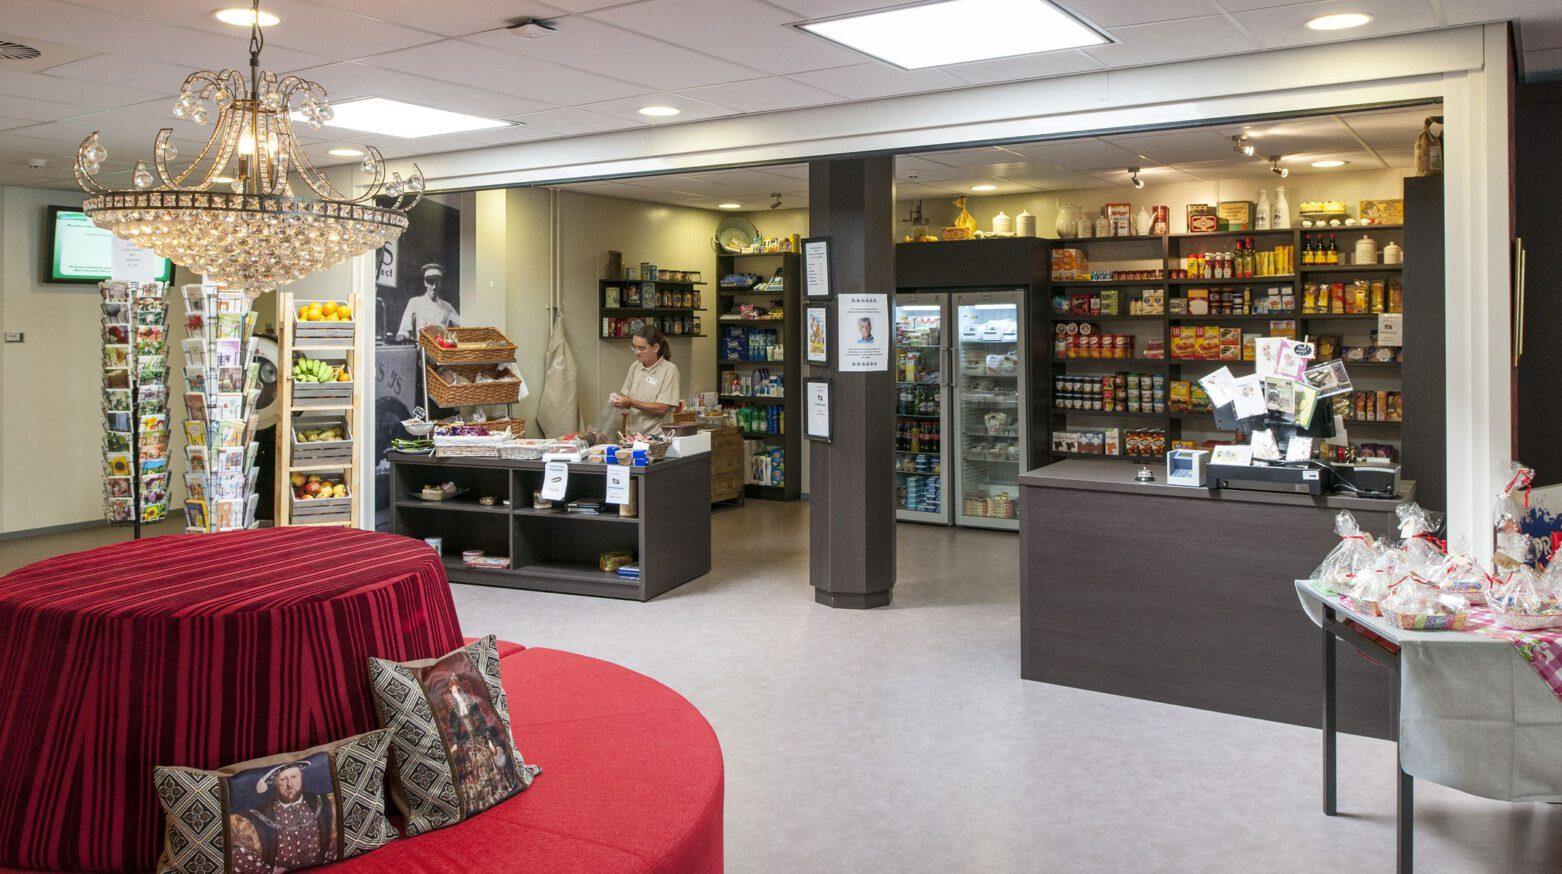 Tantelouise vivensis shop